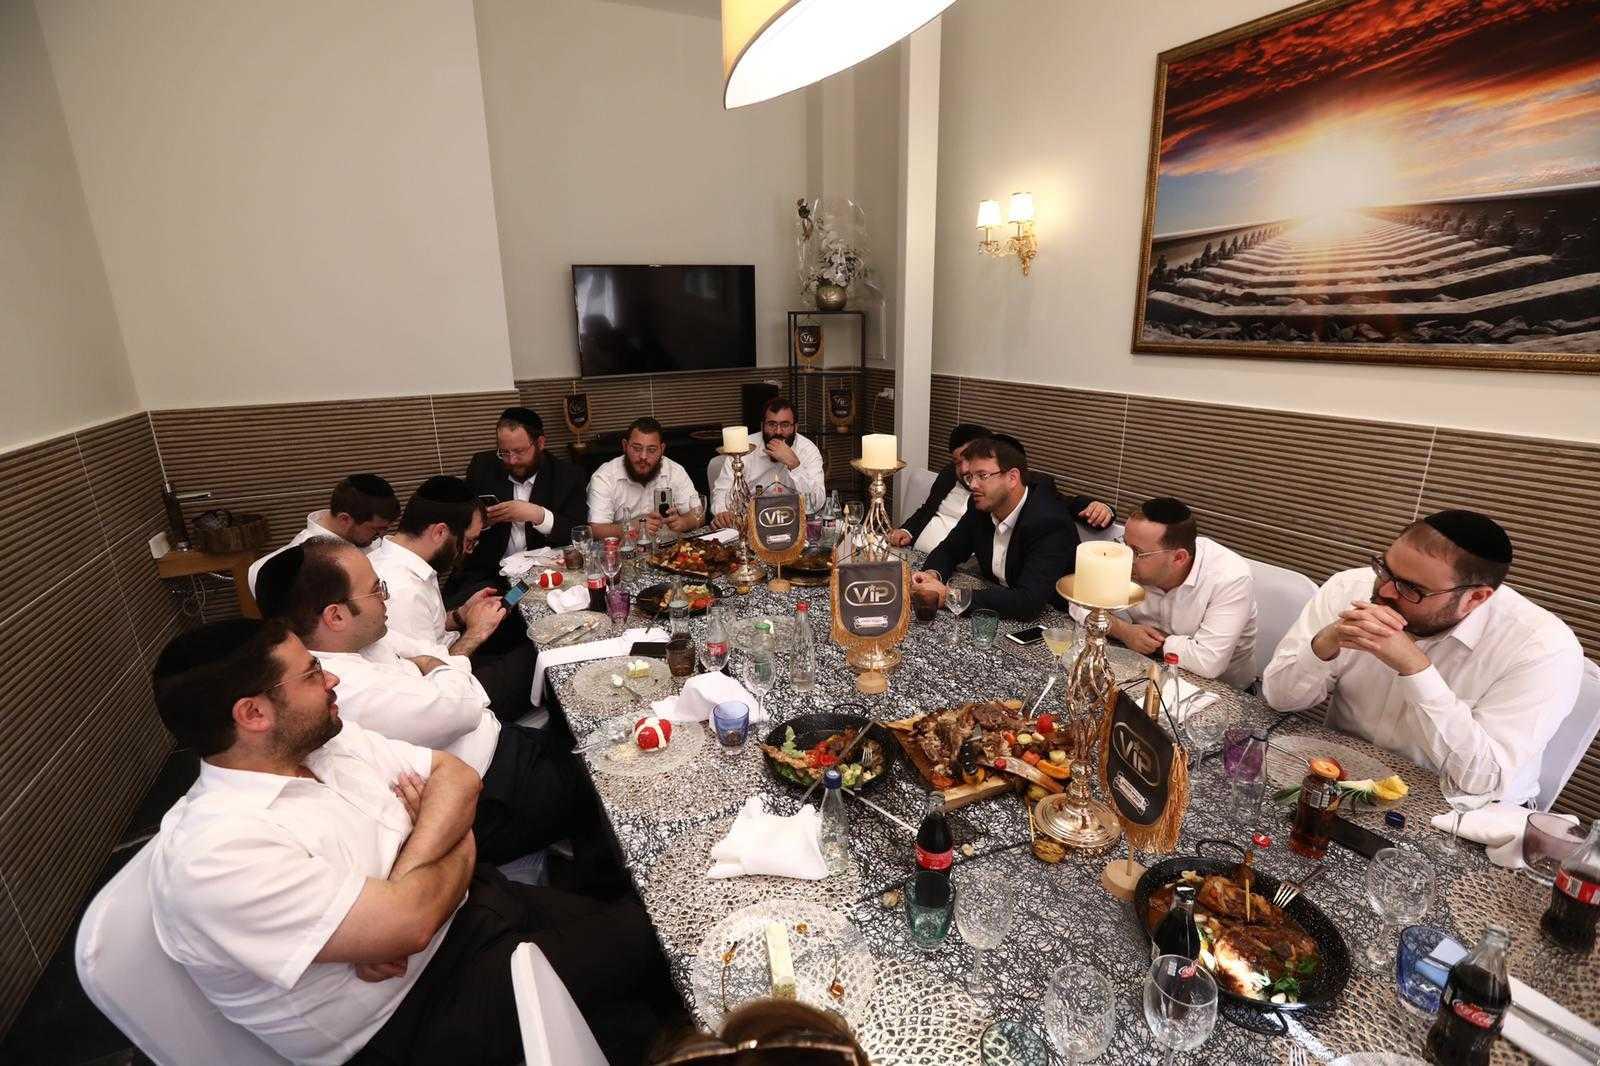 סיקור מצולם: עיתונאים חרדים באירוע השקה לחדר VIP במסעדה היהודית 9